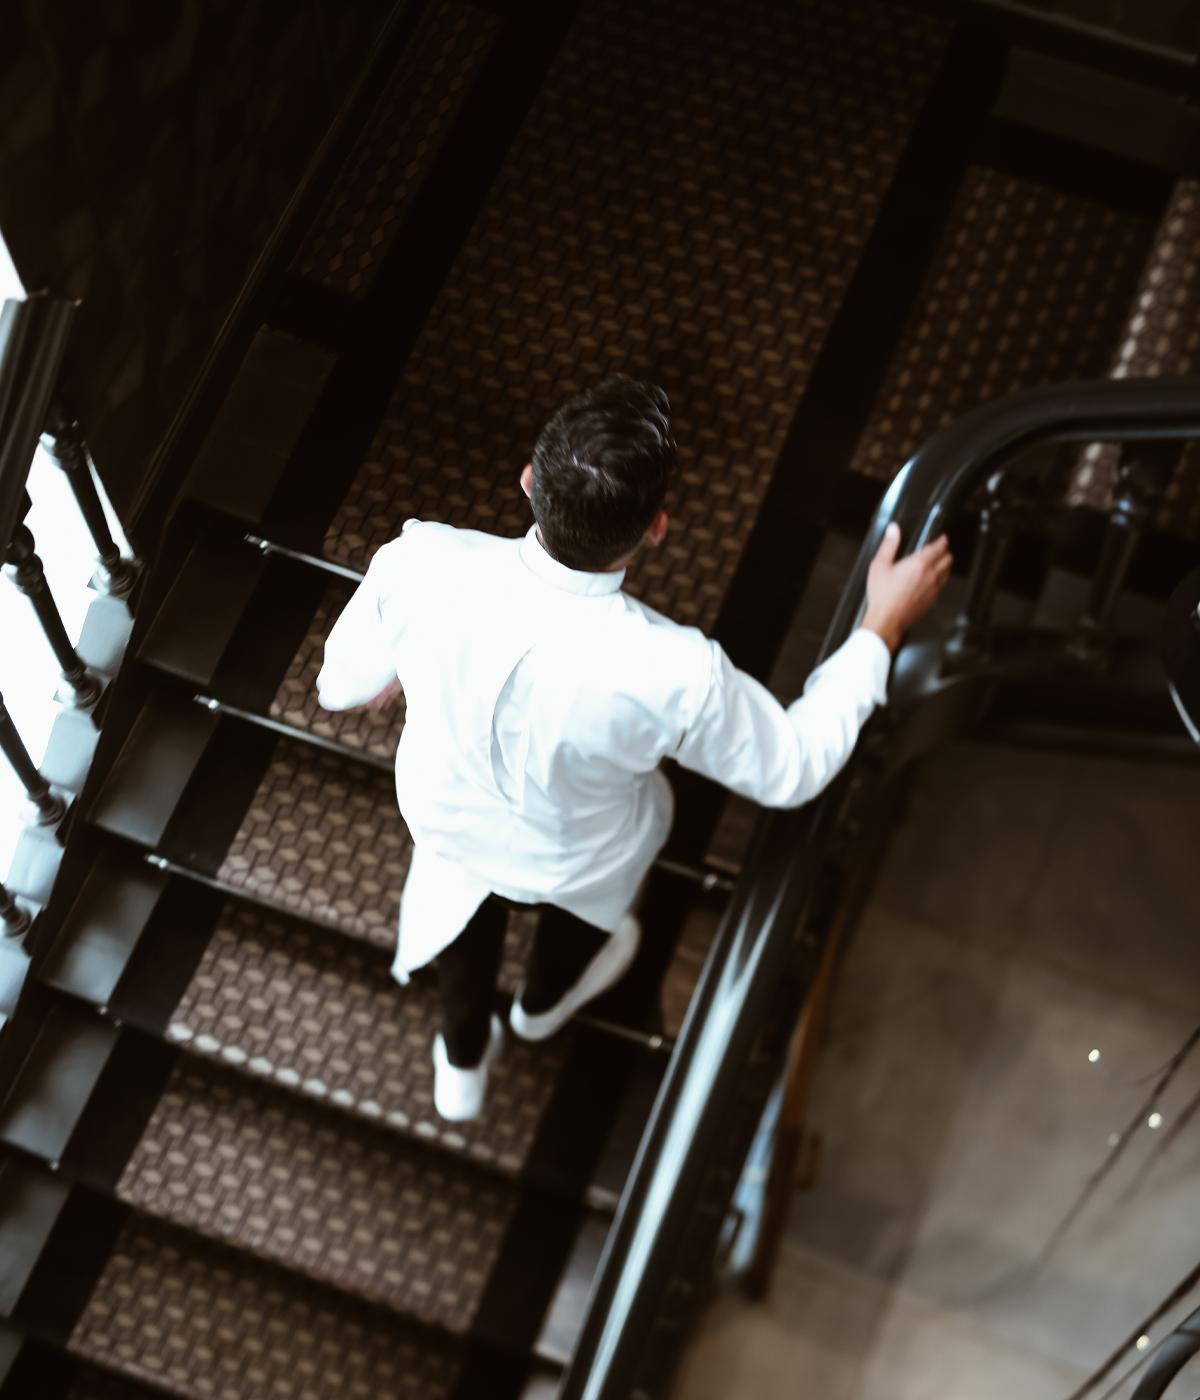 Chef van Eenoo escalier brugmann